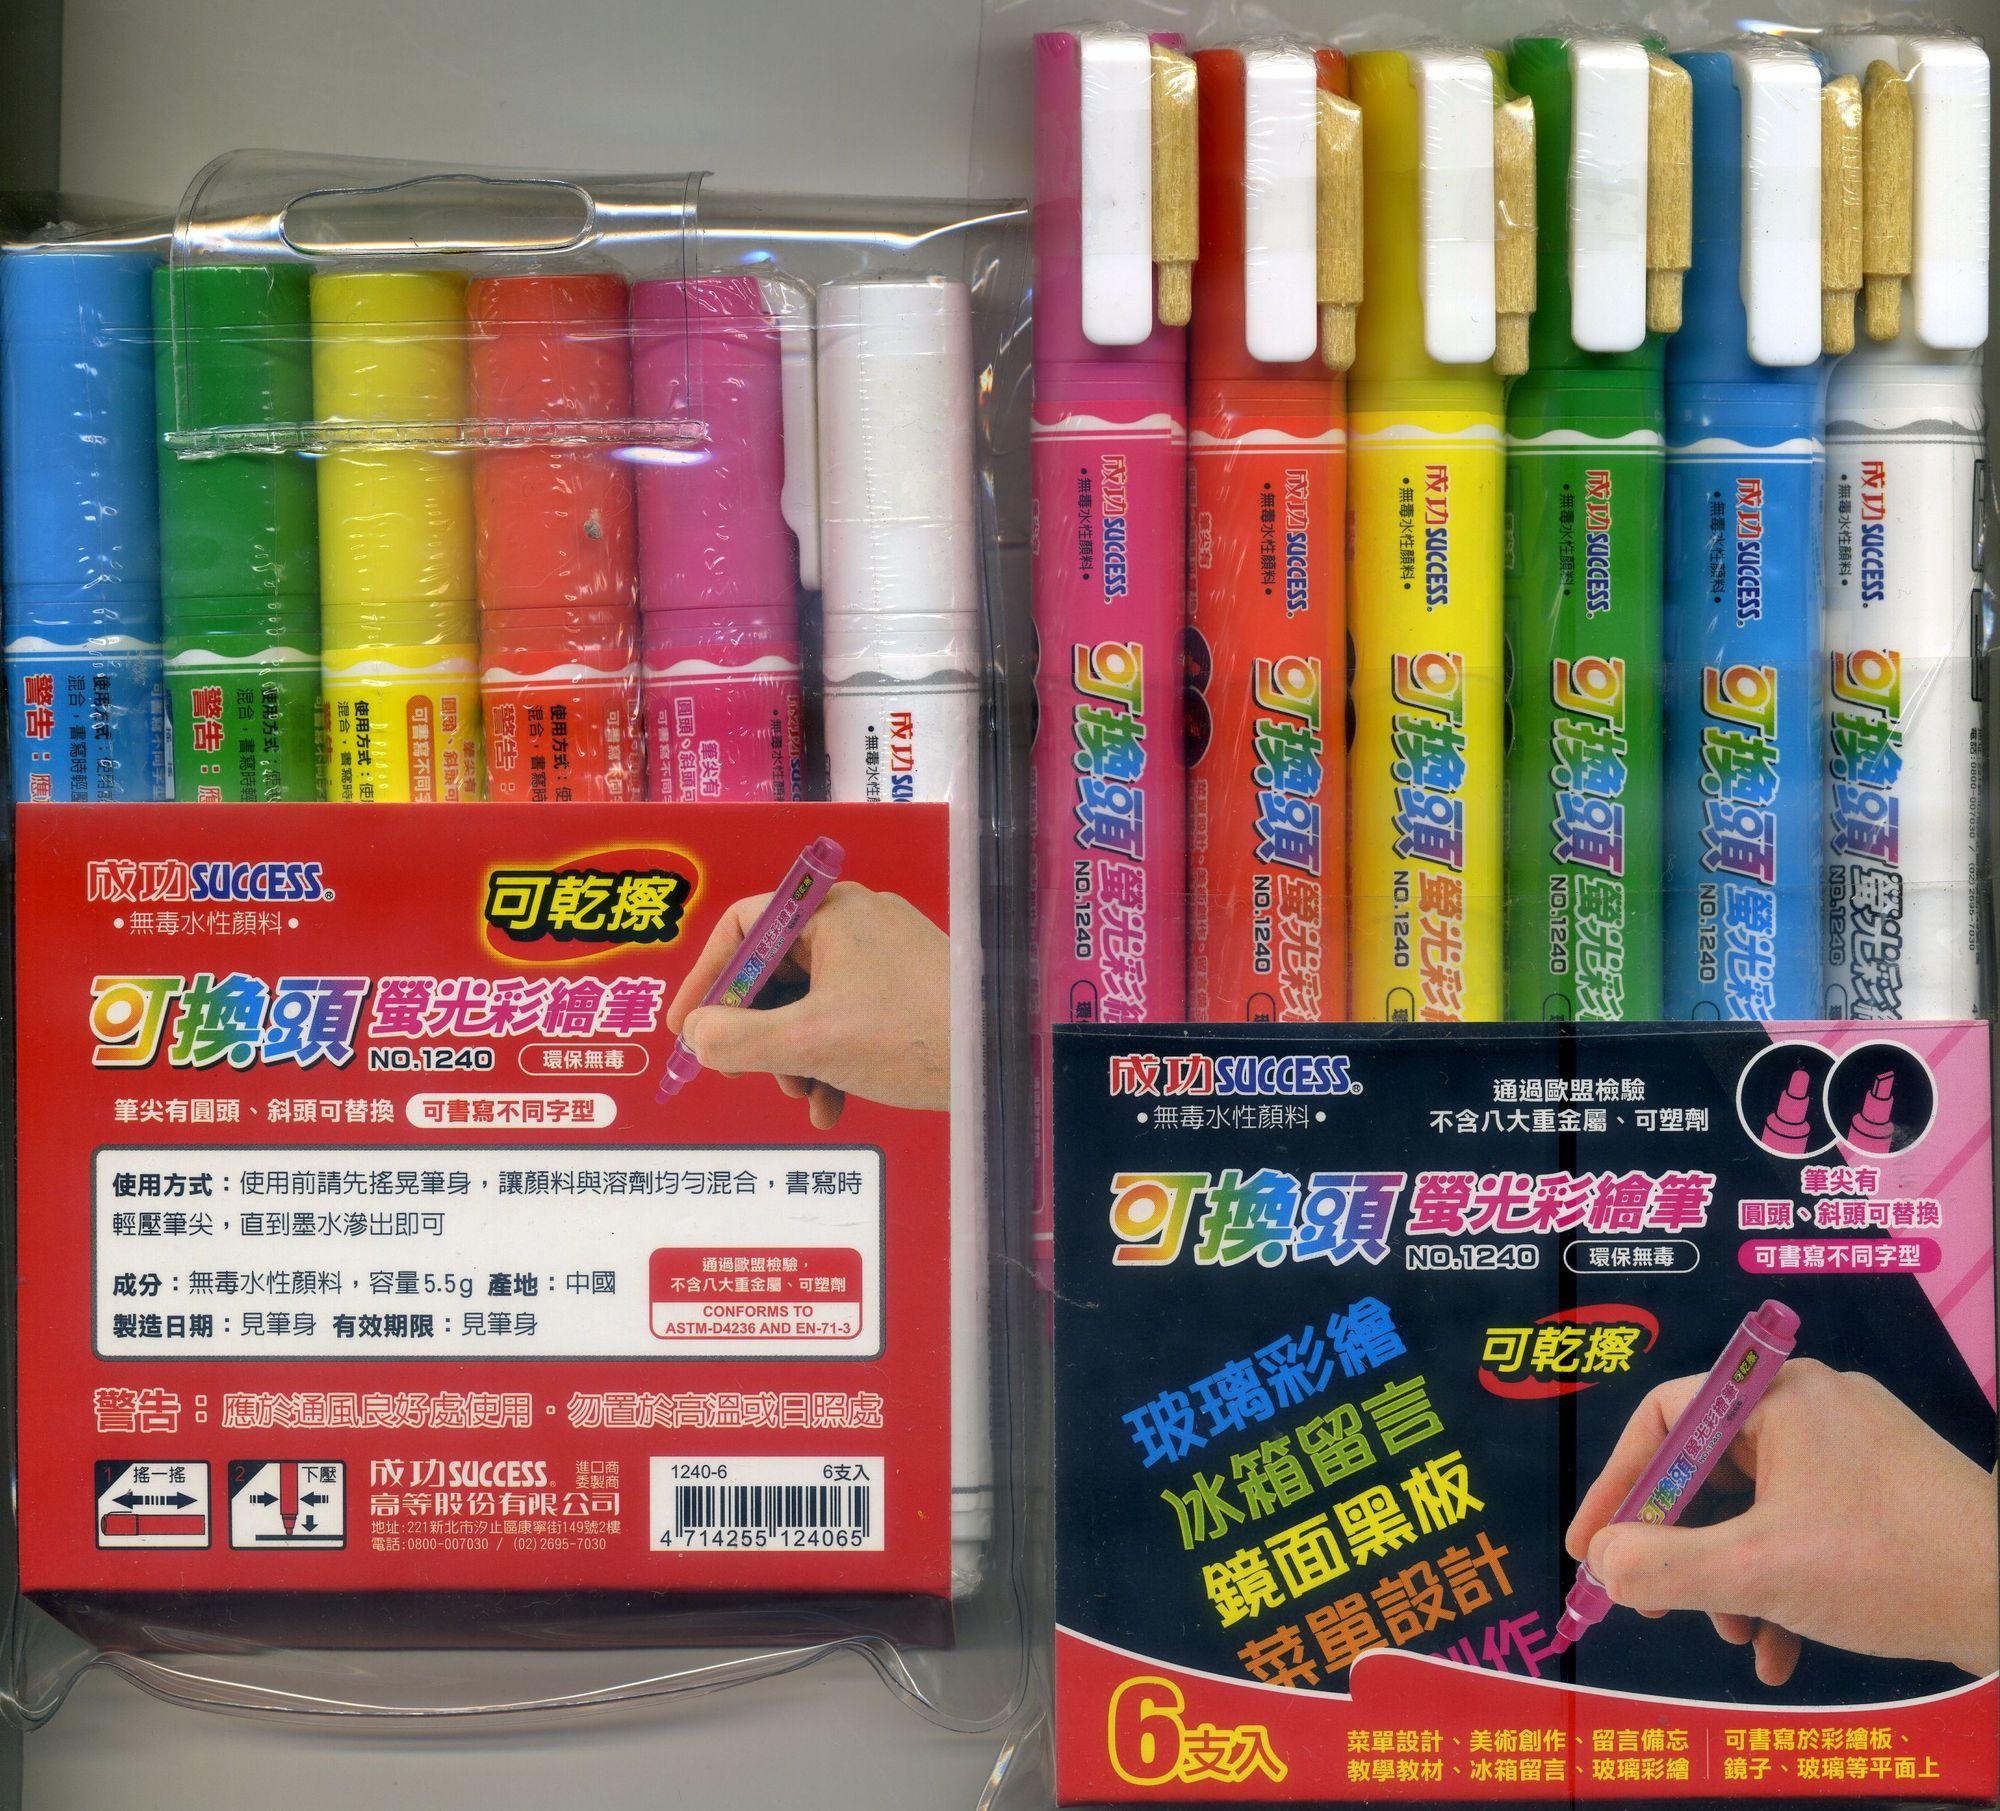 【文具通】SUCCESS 成功 螢光彩繪筆 可換頭 6色組 1240-6 鏡面黑板玻璃 螢光水性廣告筆 A1040608